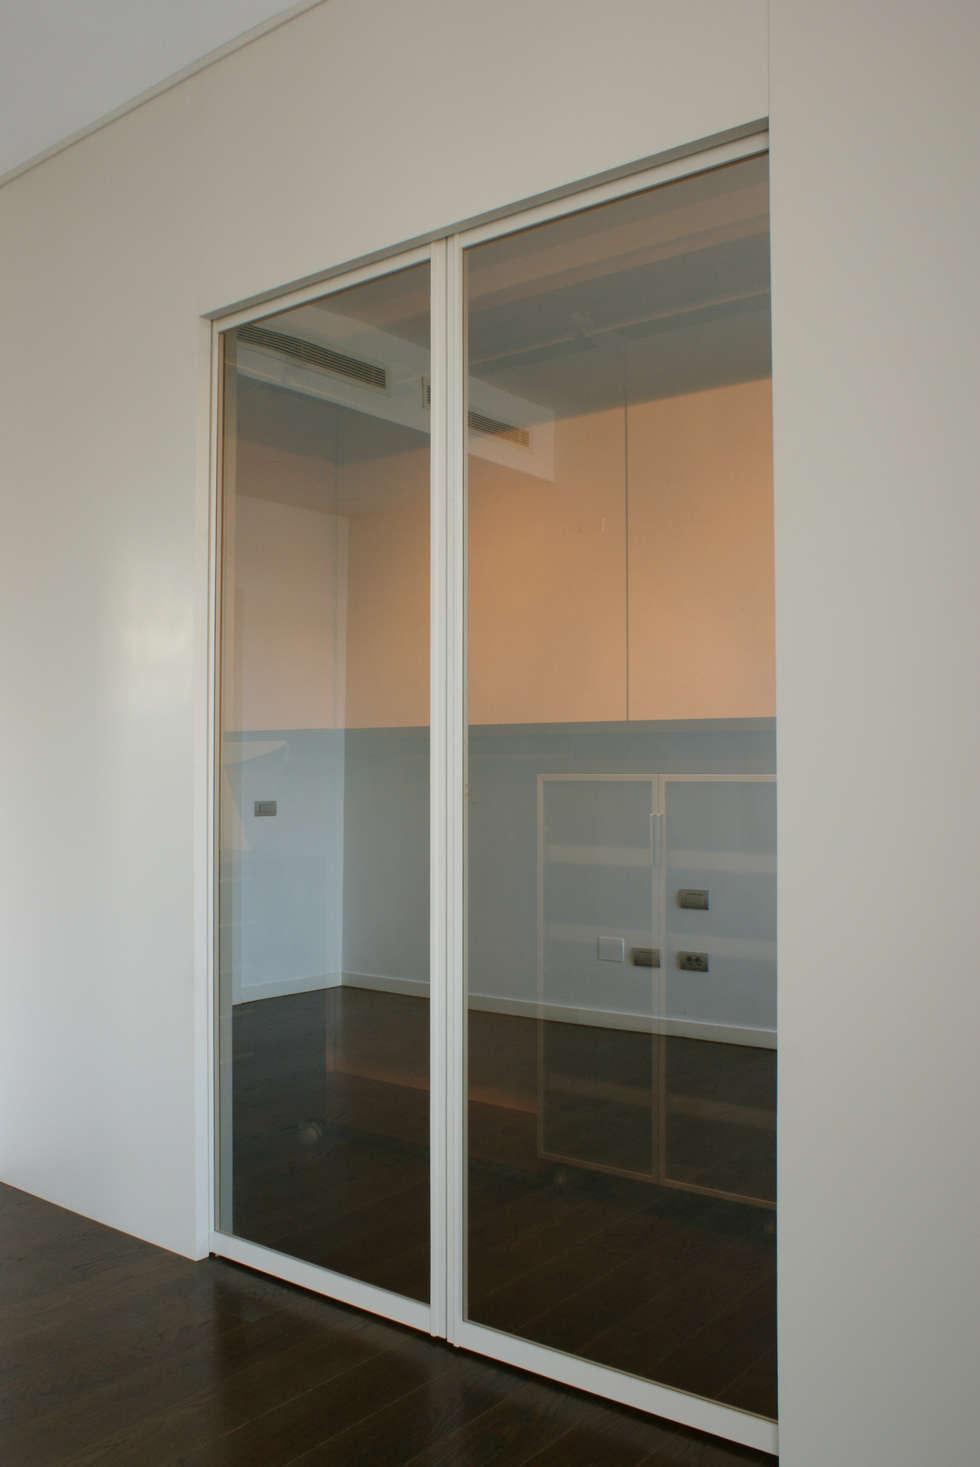 Idee arredamento casa interior design homify - Cabina armadio ikea prezzi ...